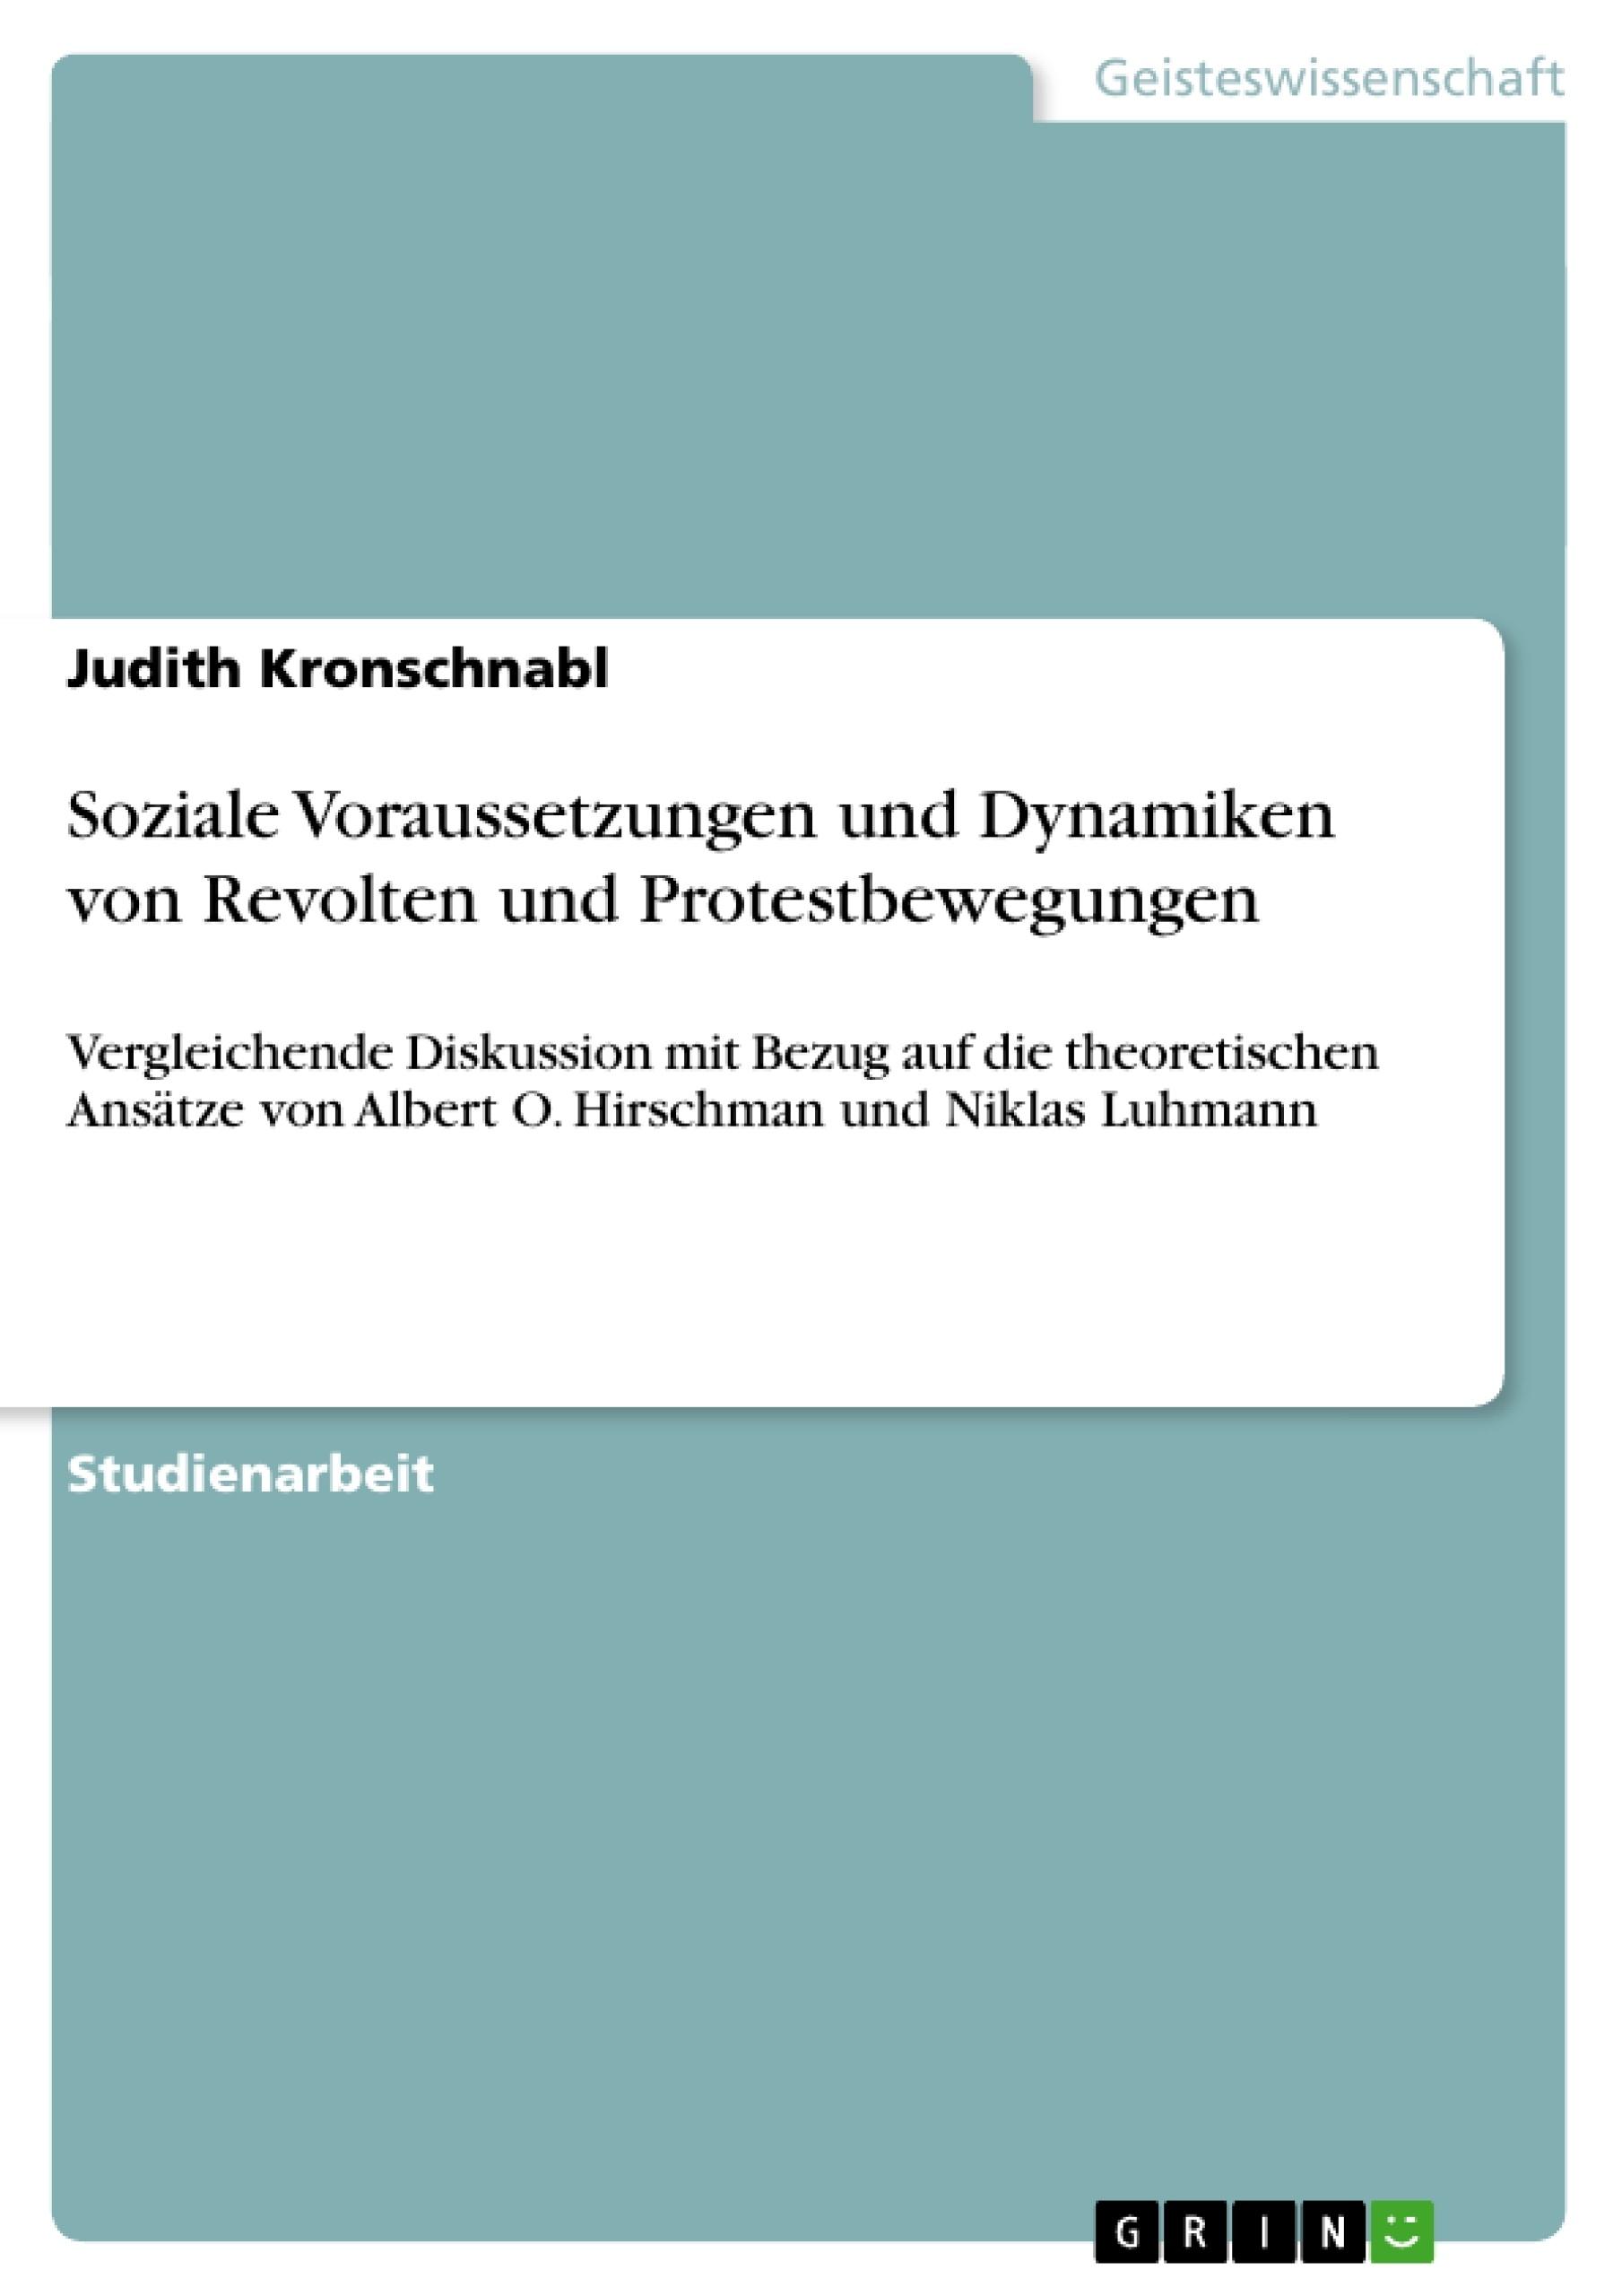 Titel: Soziale Voraussetzungen und Dynamiken von Revolten und Protestbewegungen